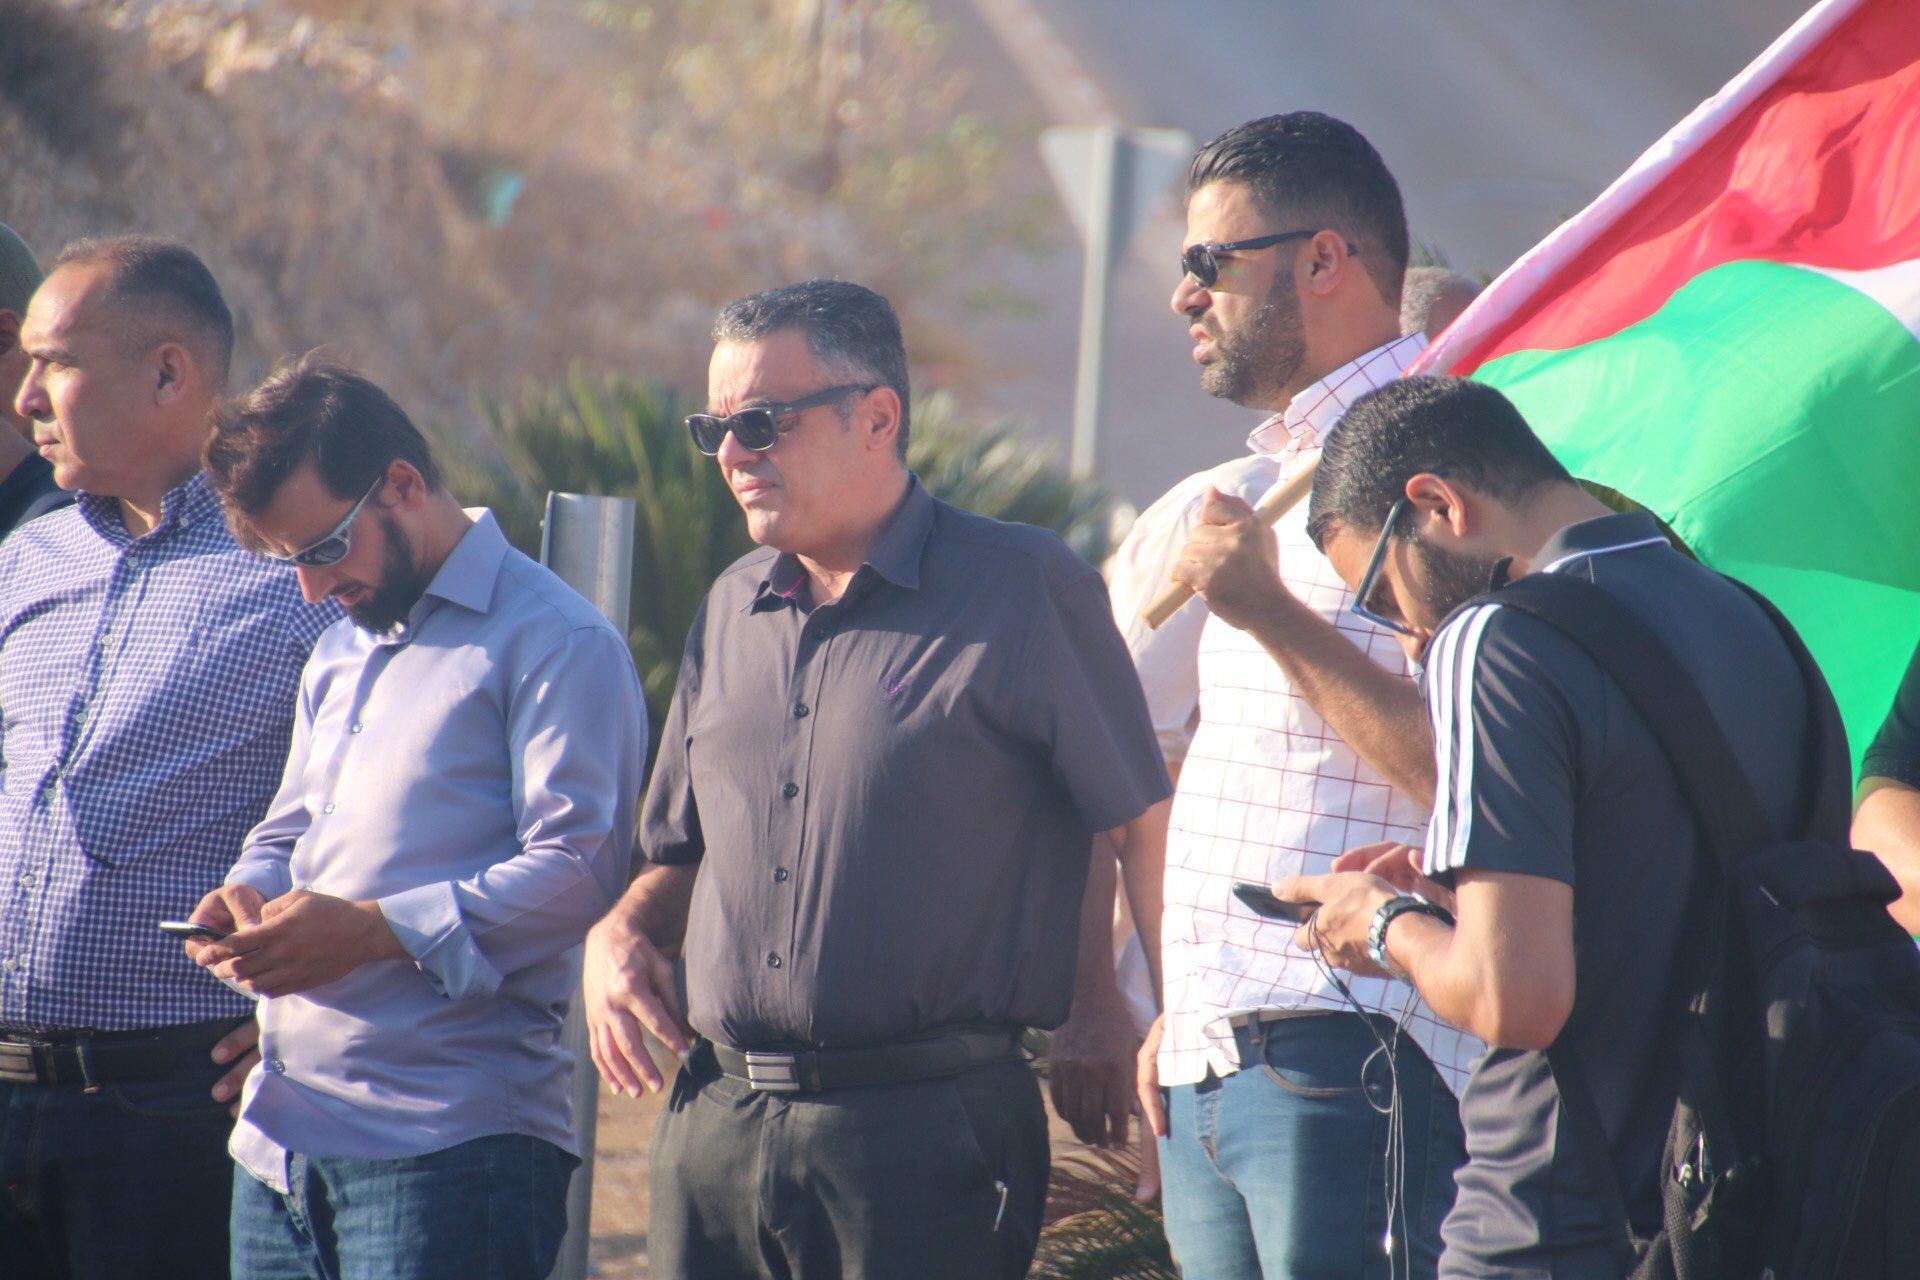 وادي عارة في تظاهرة دعما للشيخ رائد صلاح